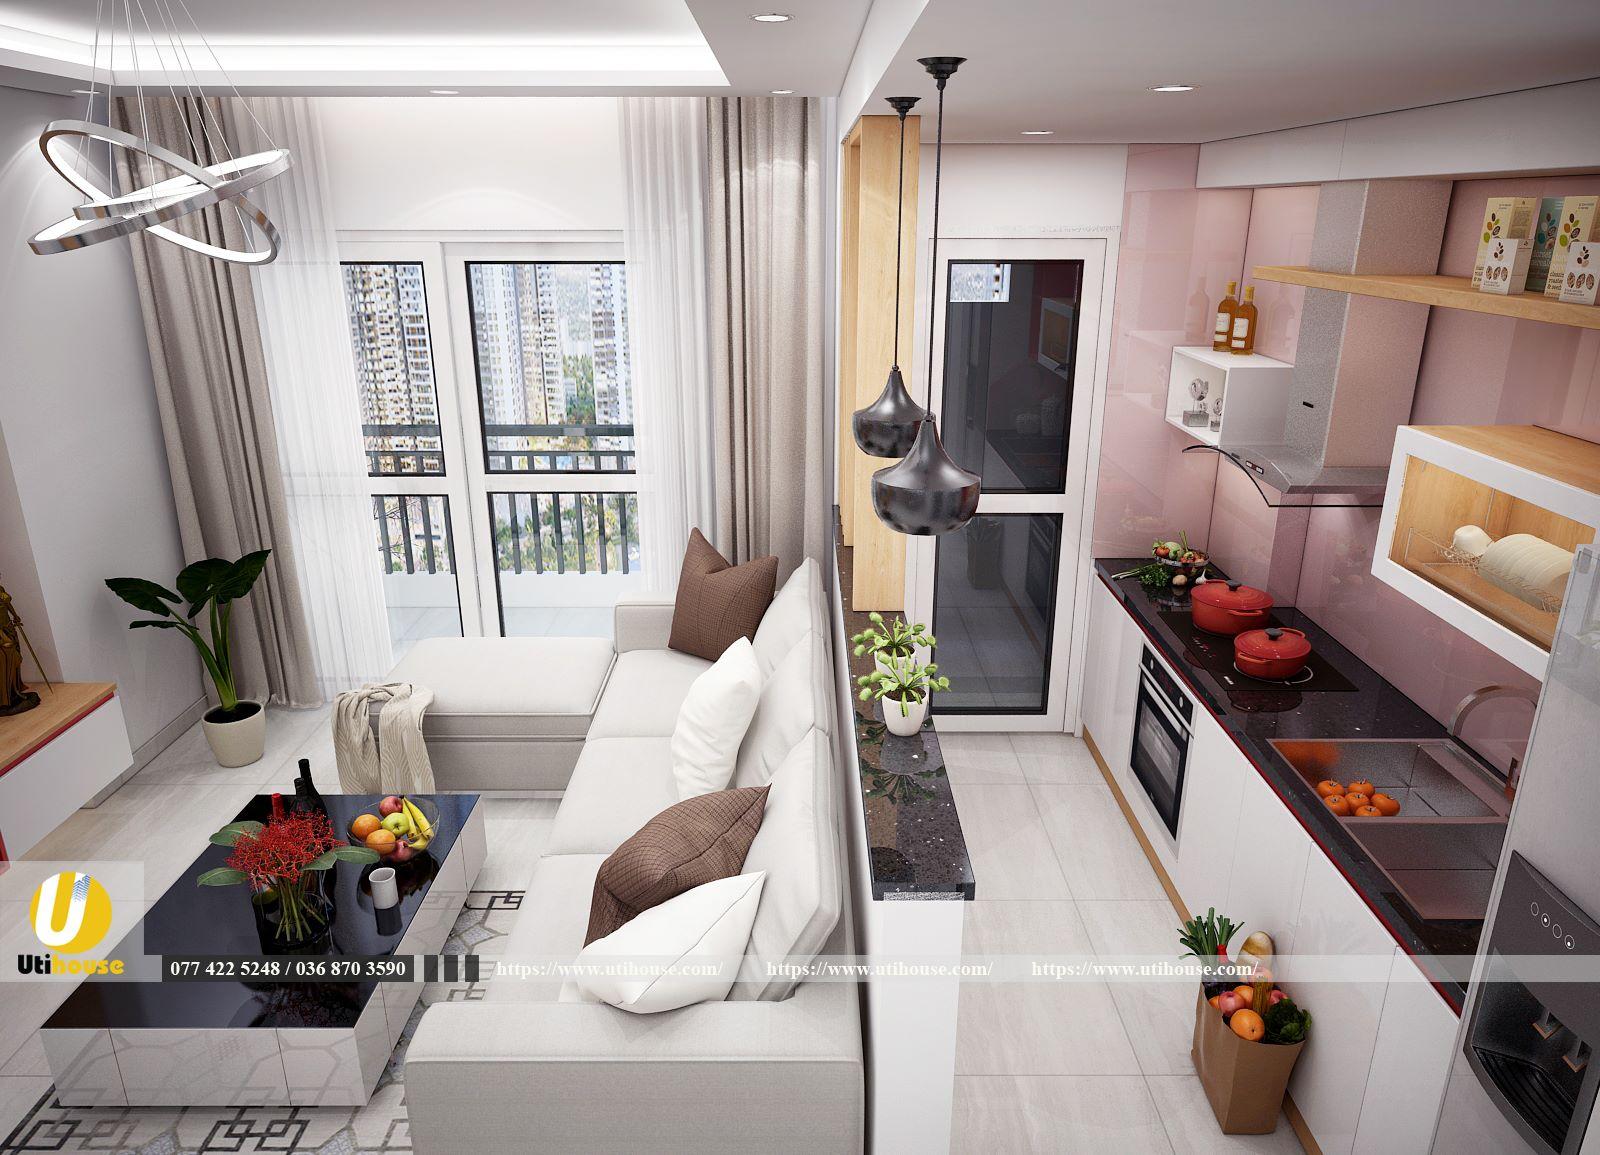 Phòng khách chung cư đẹp tiện nghi với bàn trà độc đáo